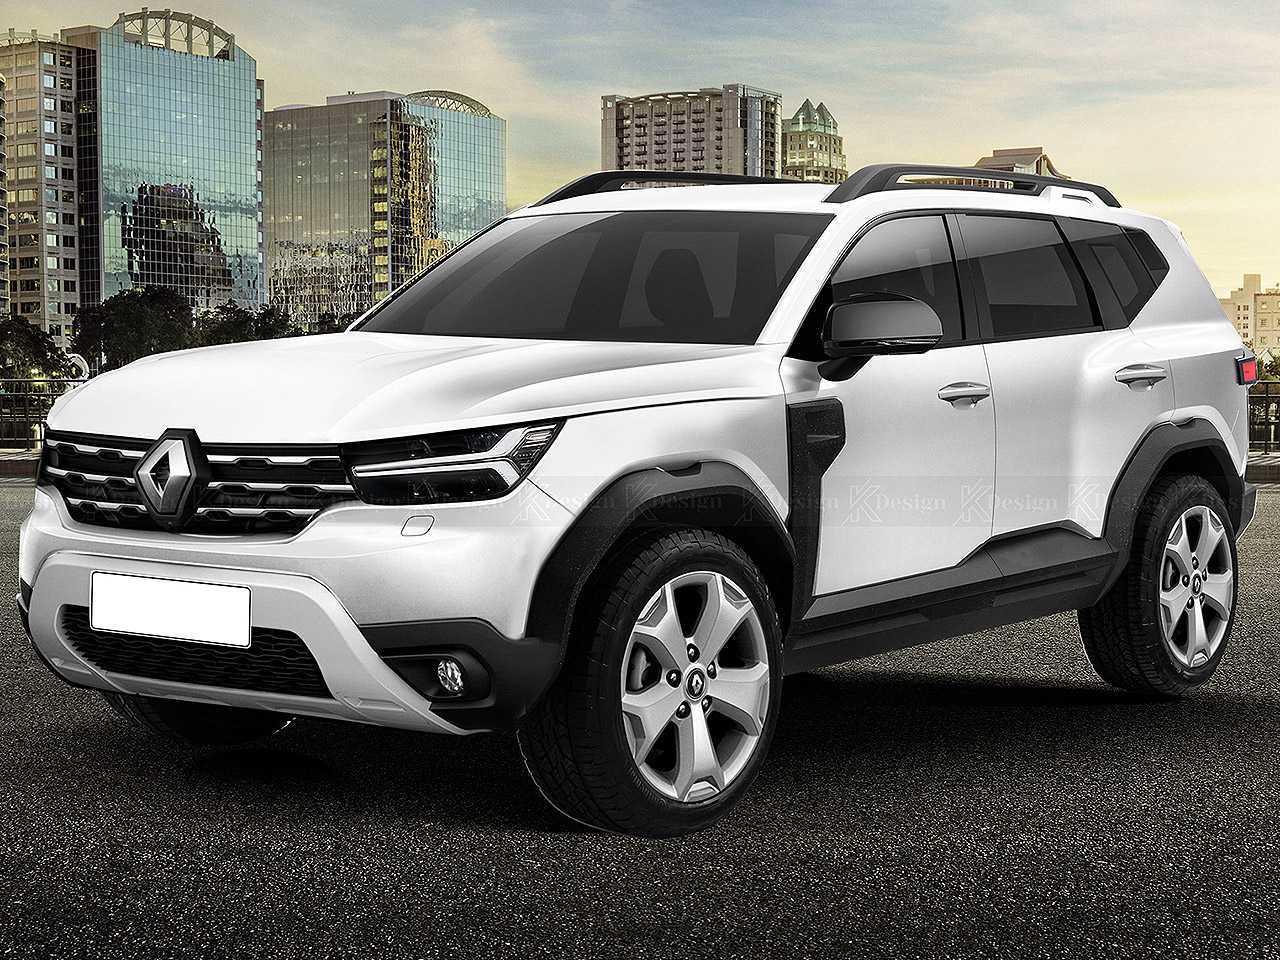 Tomando como base o Dacia Bigster Concept, designer Kleber Silva imaginou um SUV 7 lugares acessível para a Renault